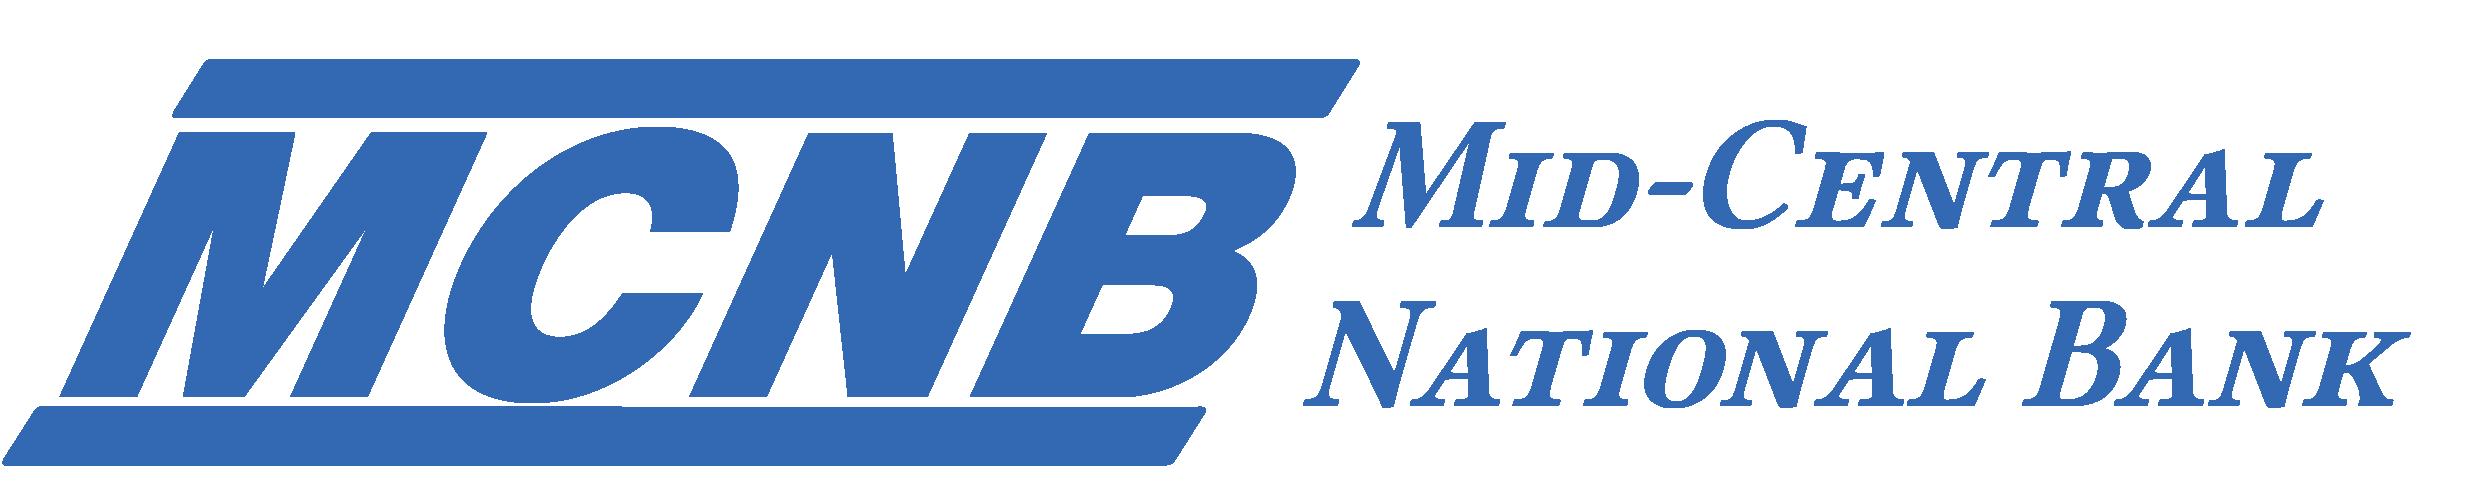 MCNB-logo-horiz